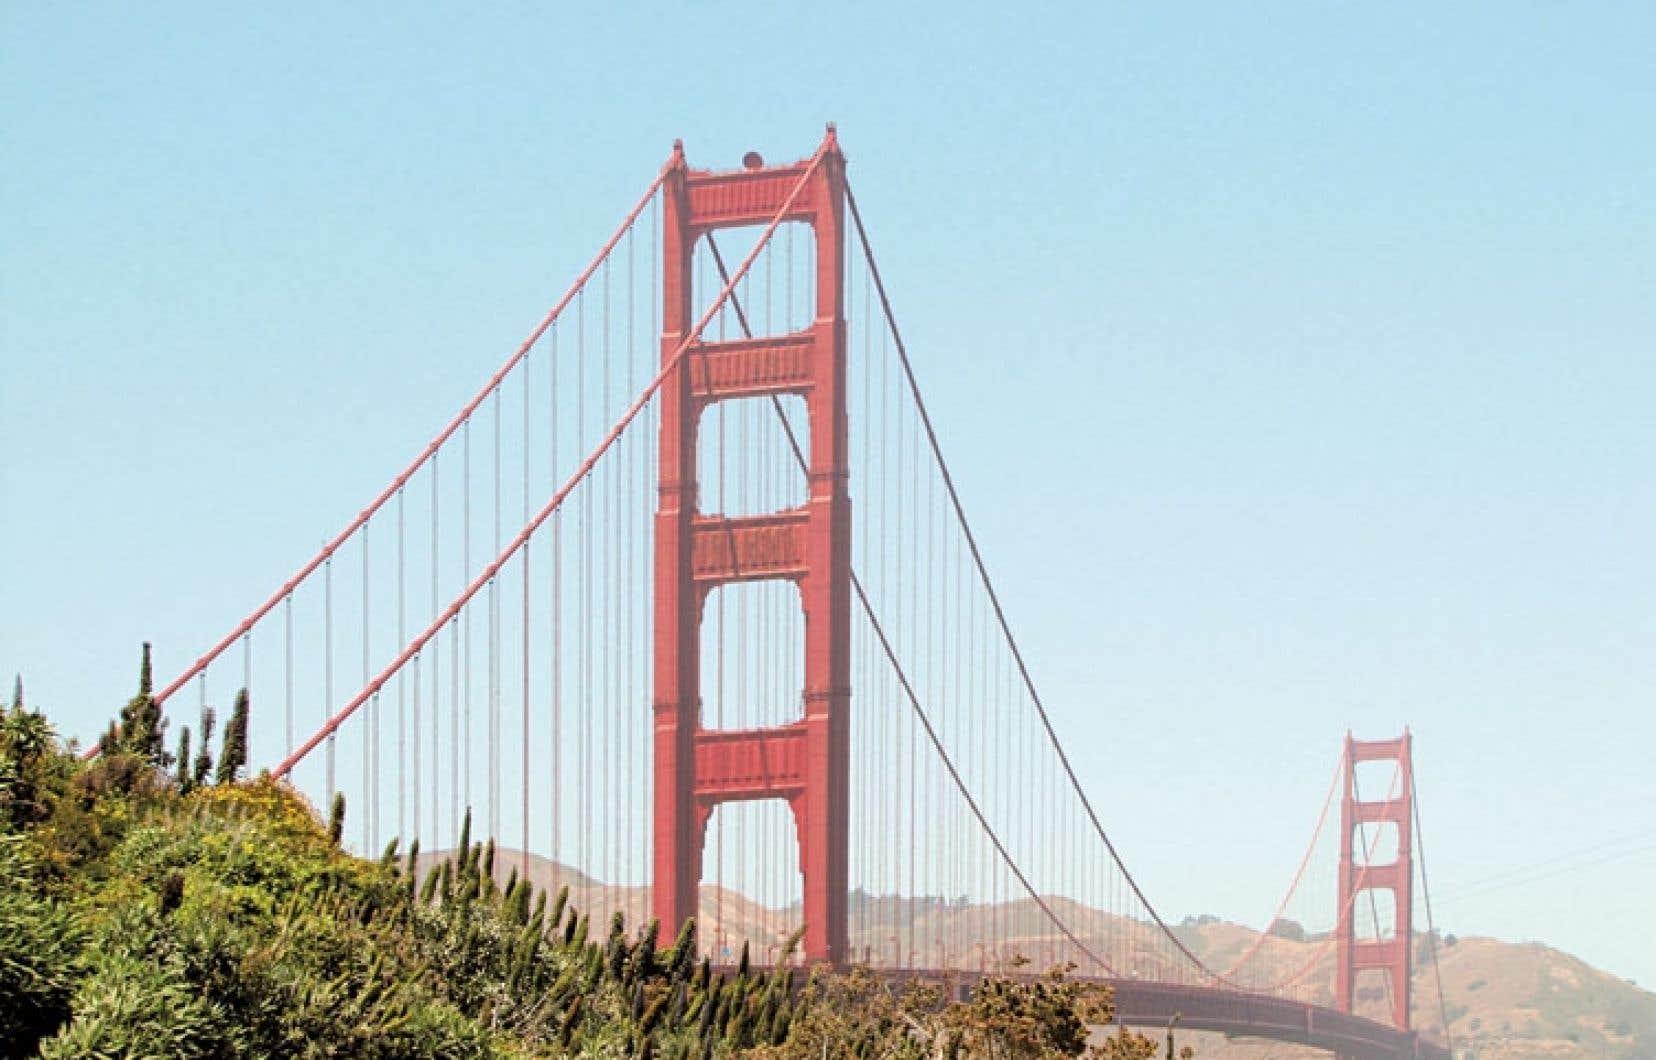 En plus d'un flot incessant de 100 000 automobiles, le pont accueille tous les jours 5500 cyclistes sur son dos.